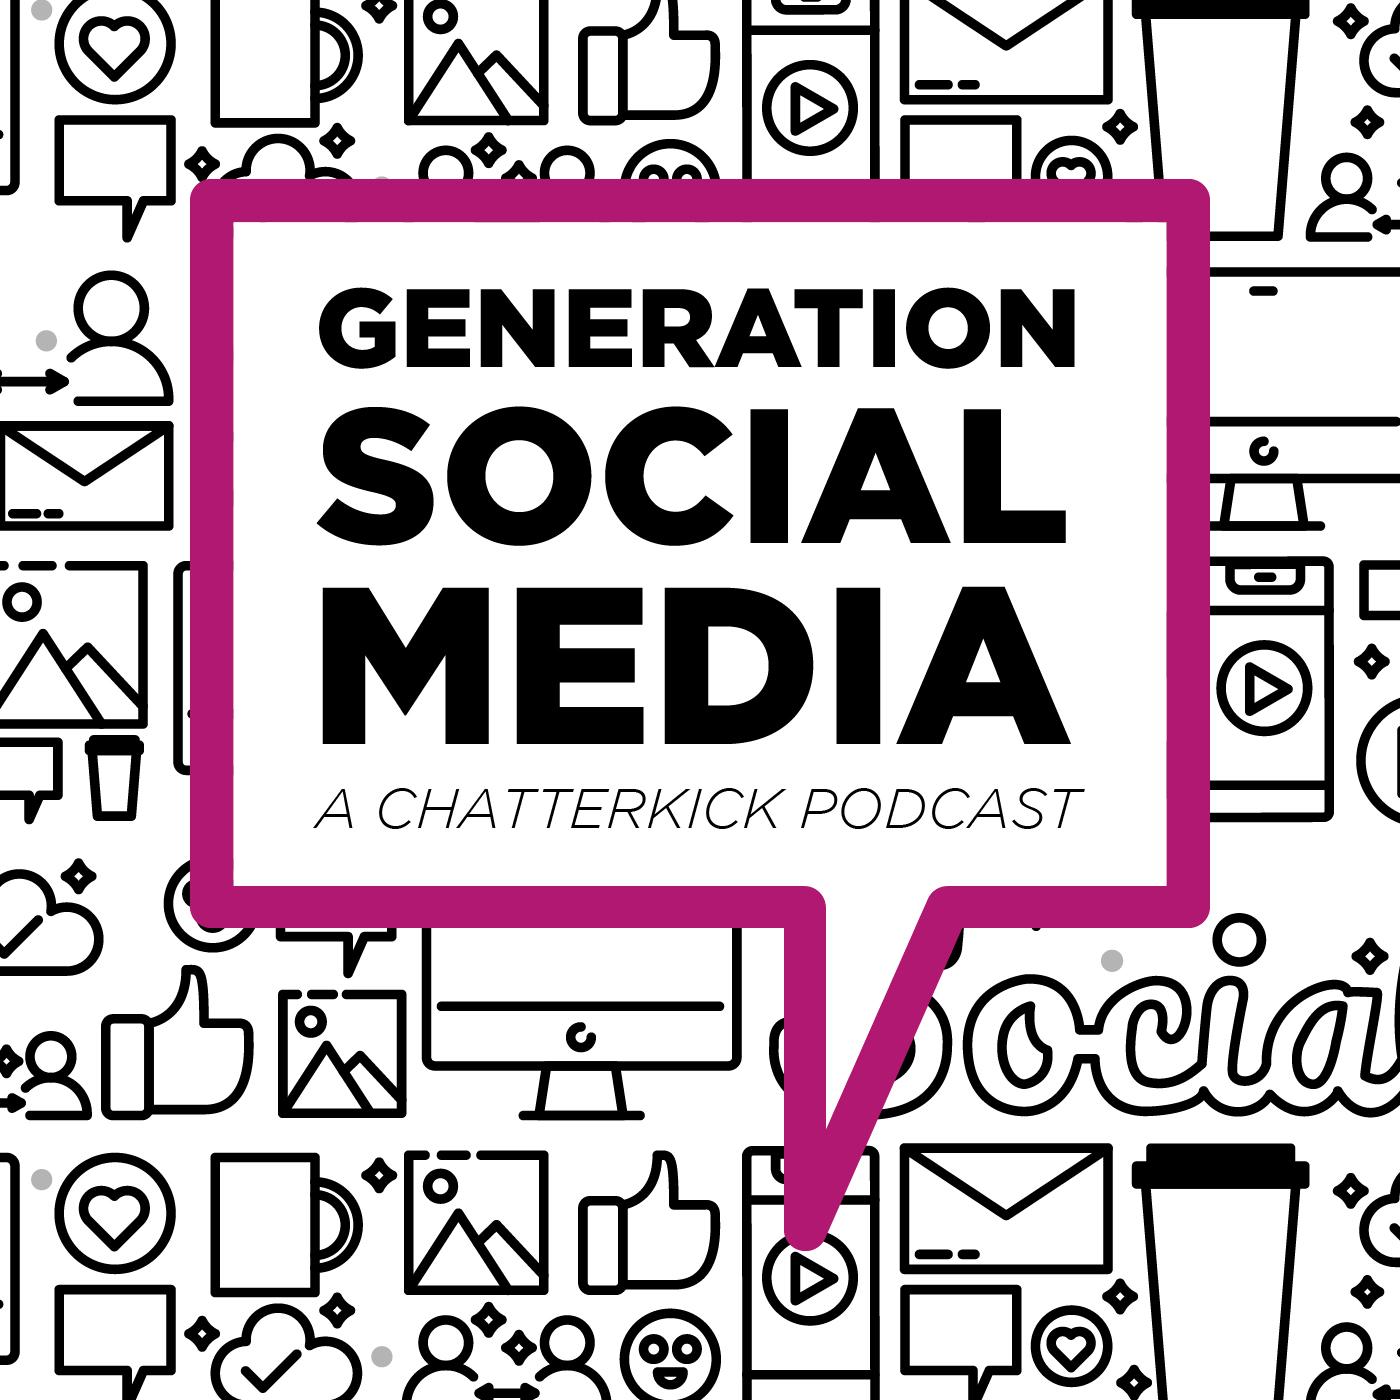 Generation Social Media Podcast